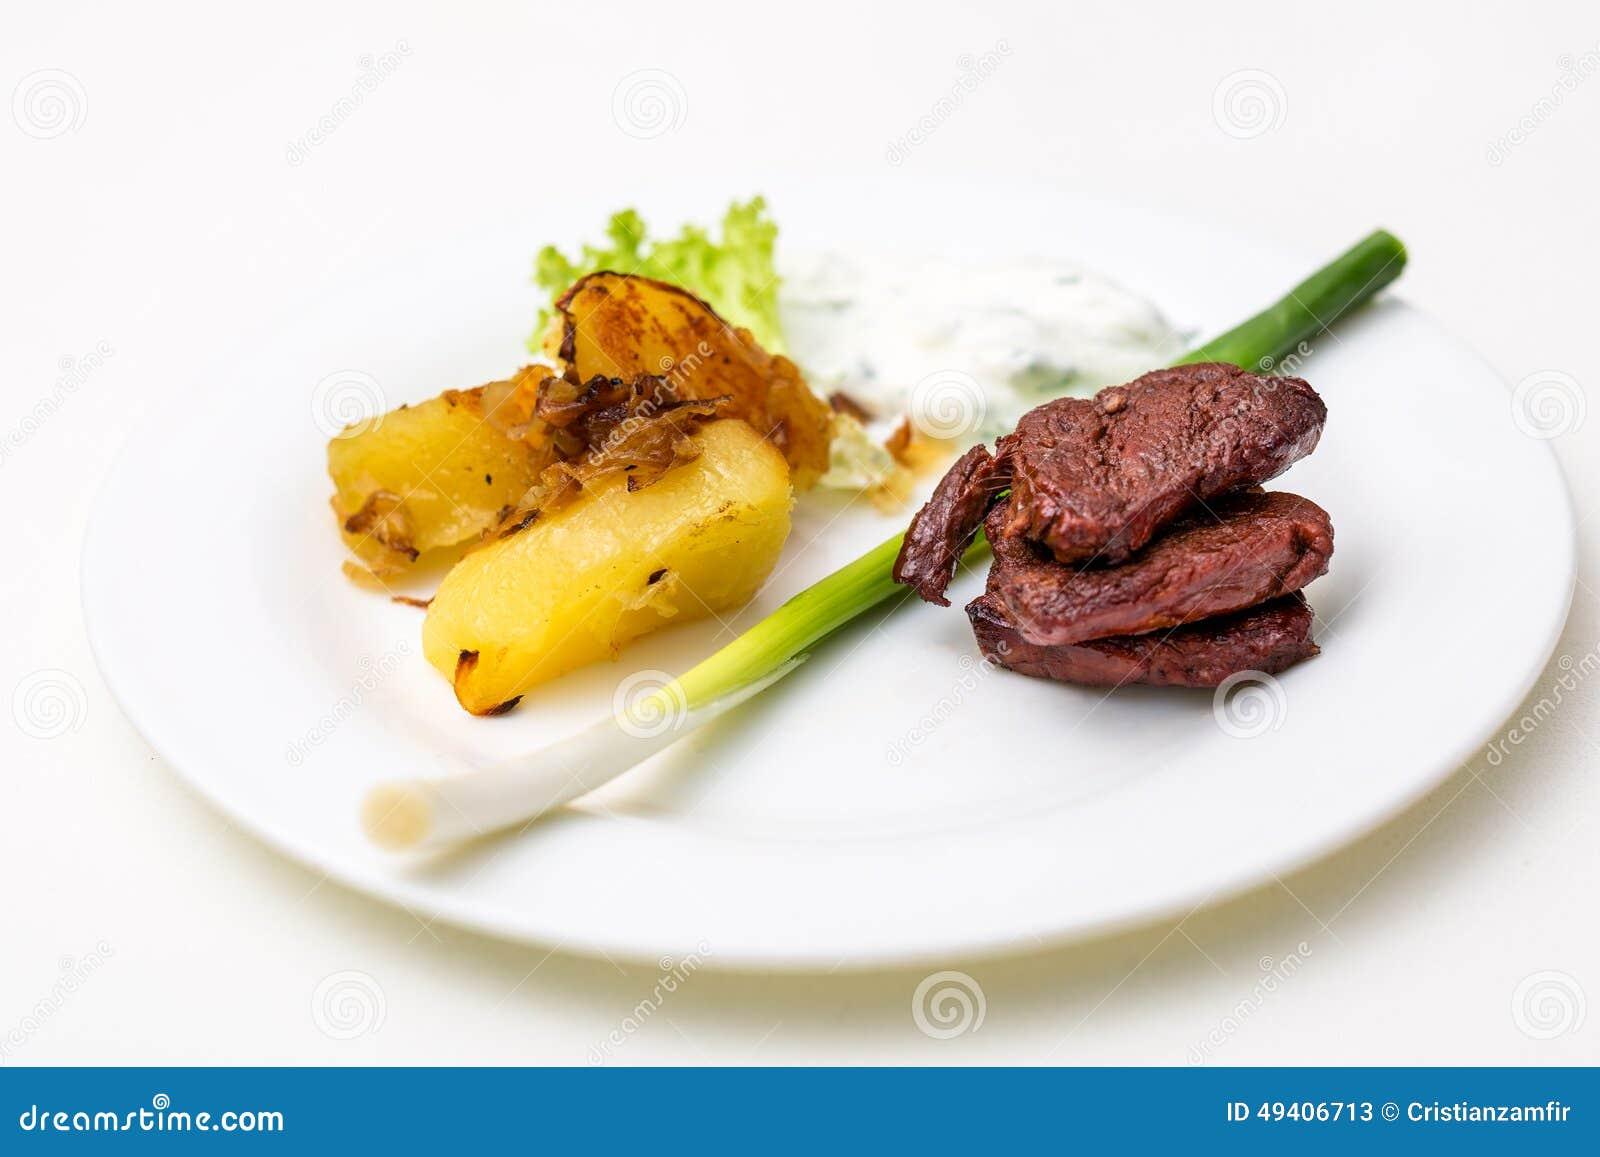 Download Platte Mit Rindfleisch Und Kartoffeln Und Soße Stockbild - Bild von braun, mahlzeit: 49406713